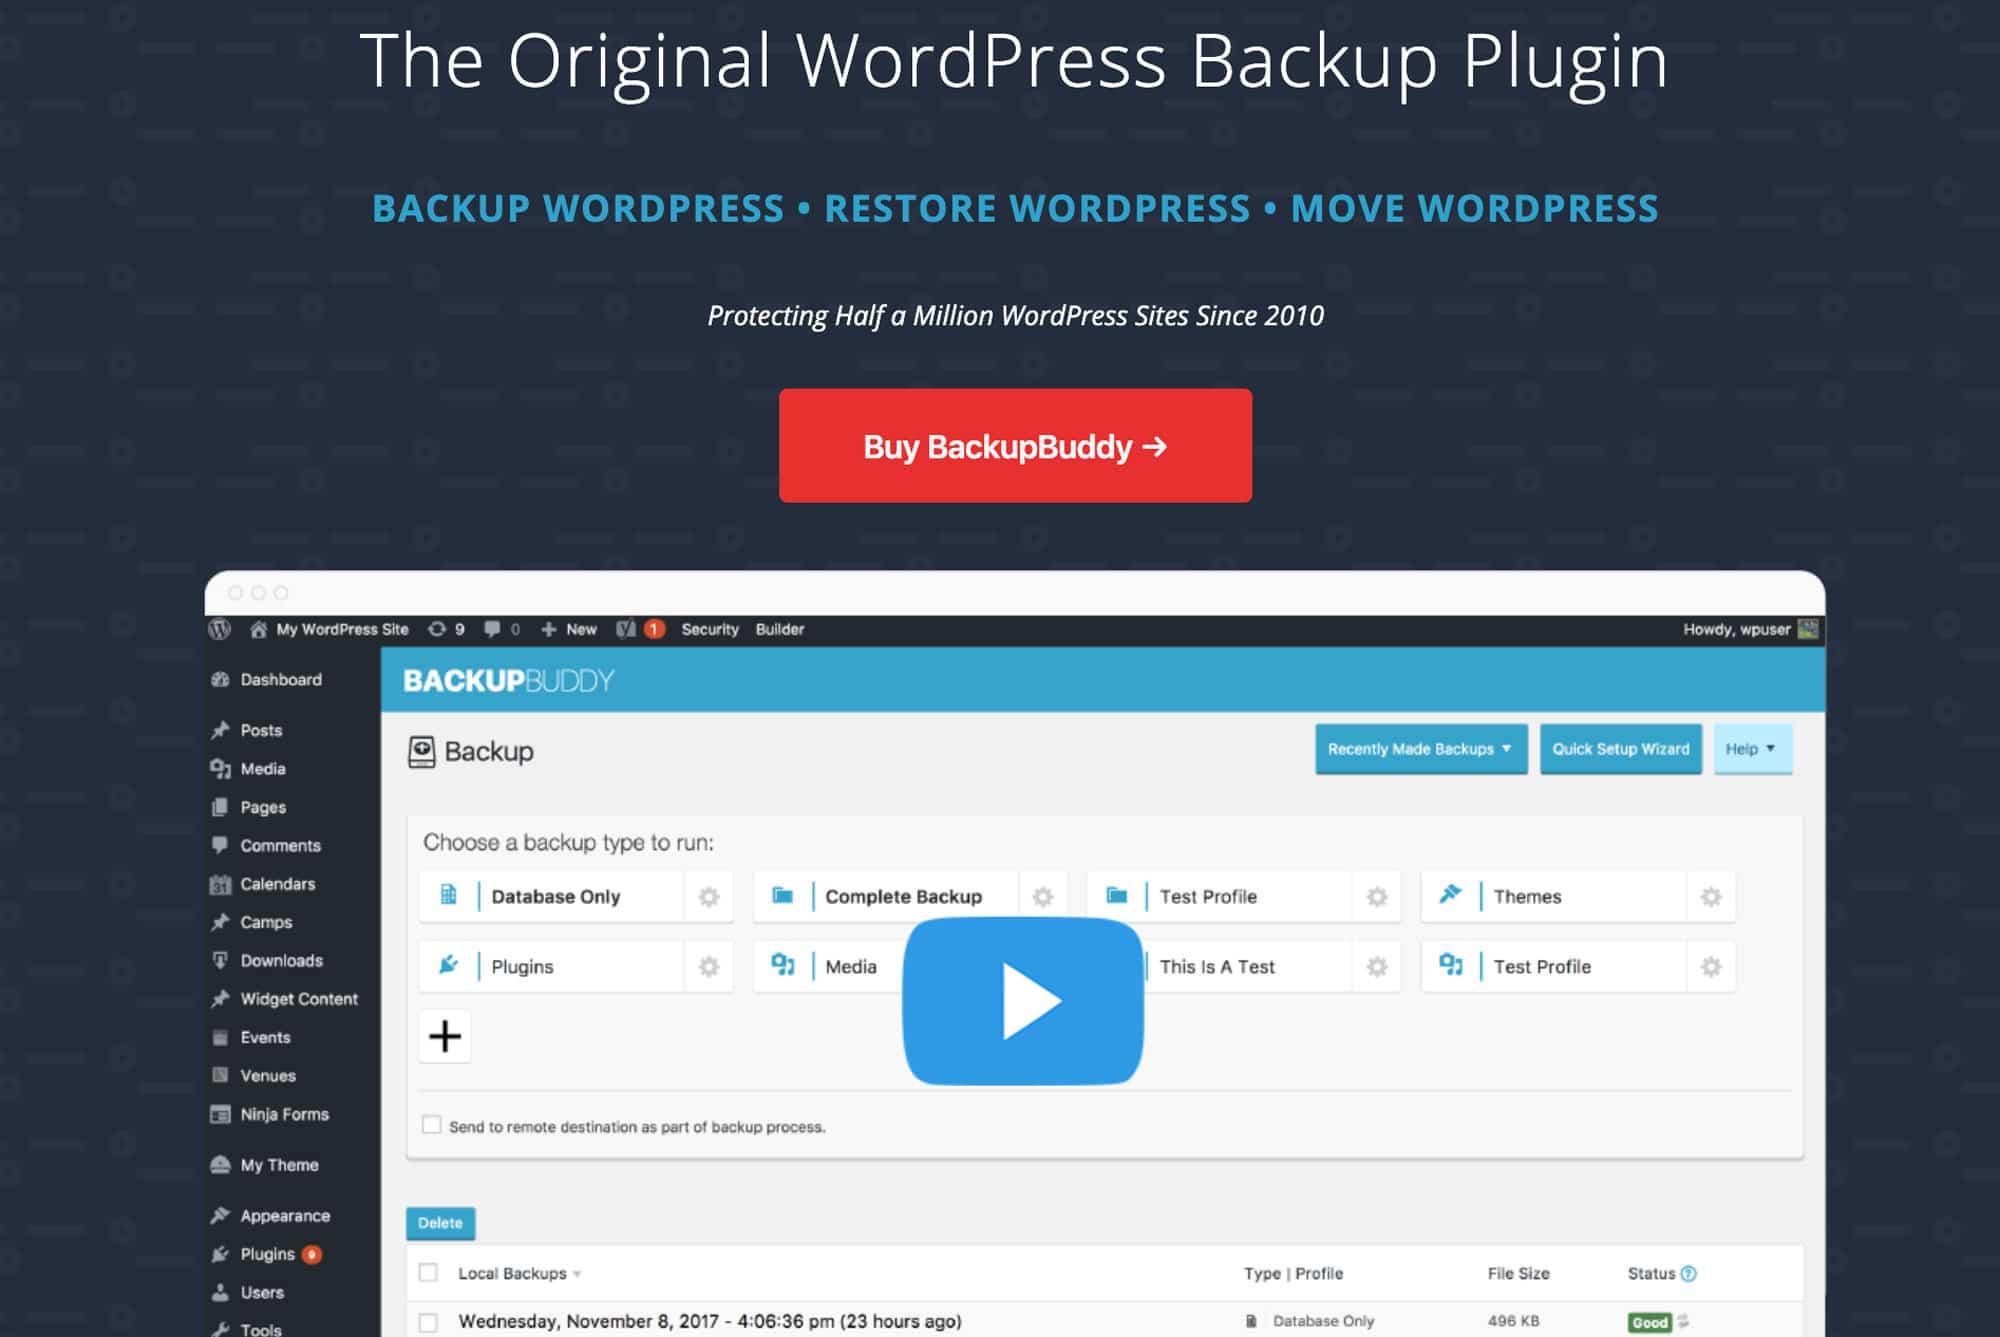 BackupBuddy ist ein sehr umfangreiches Premium Plugin für WordPress Backups